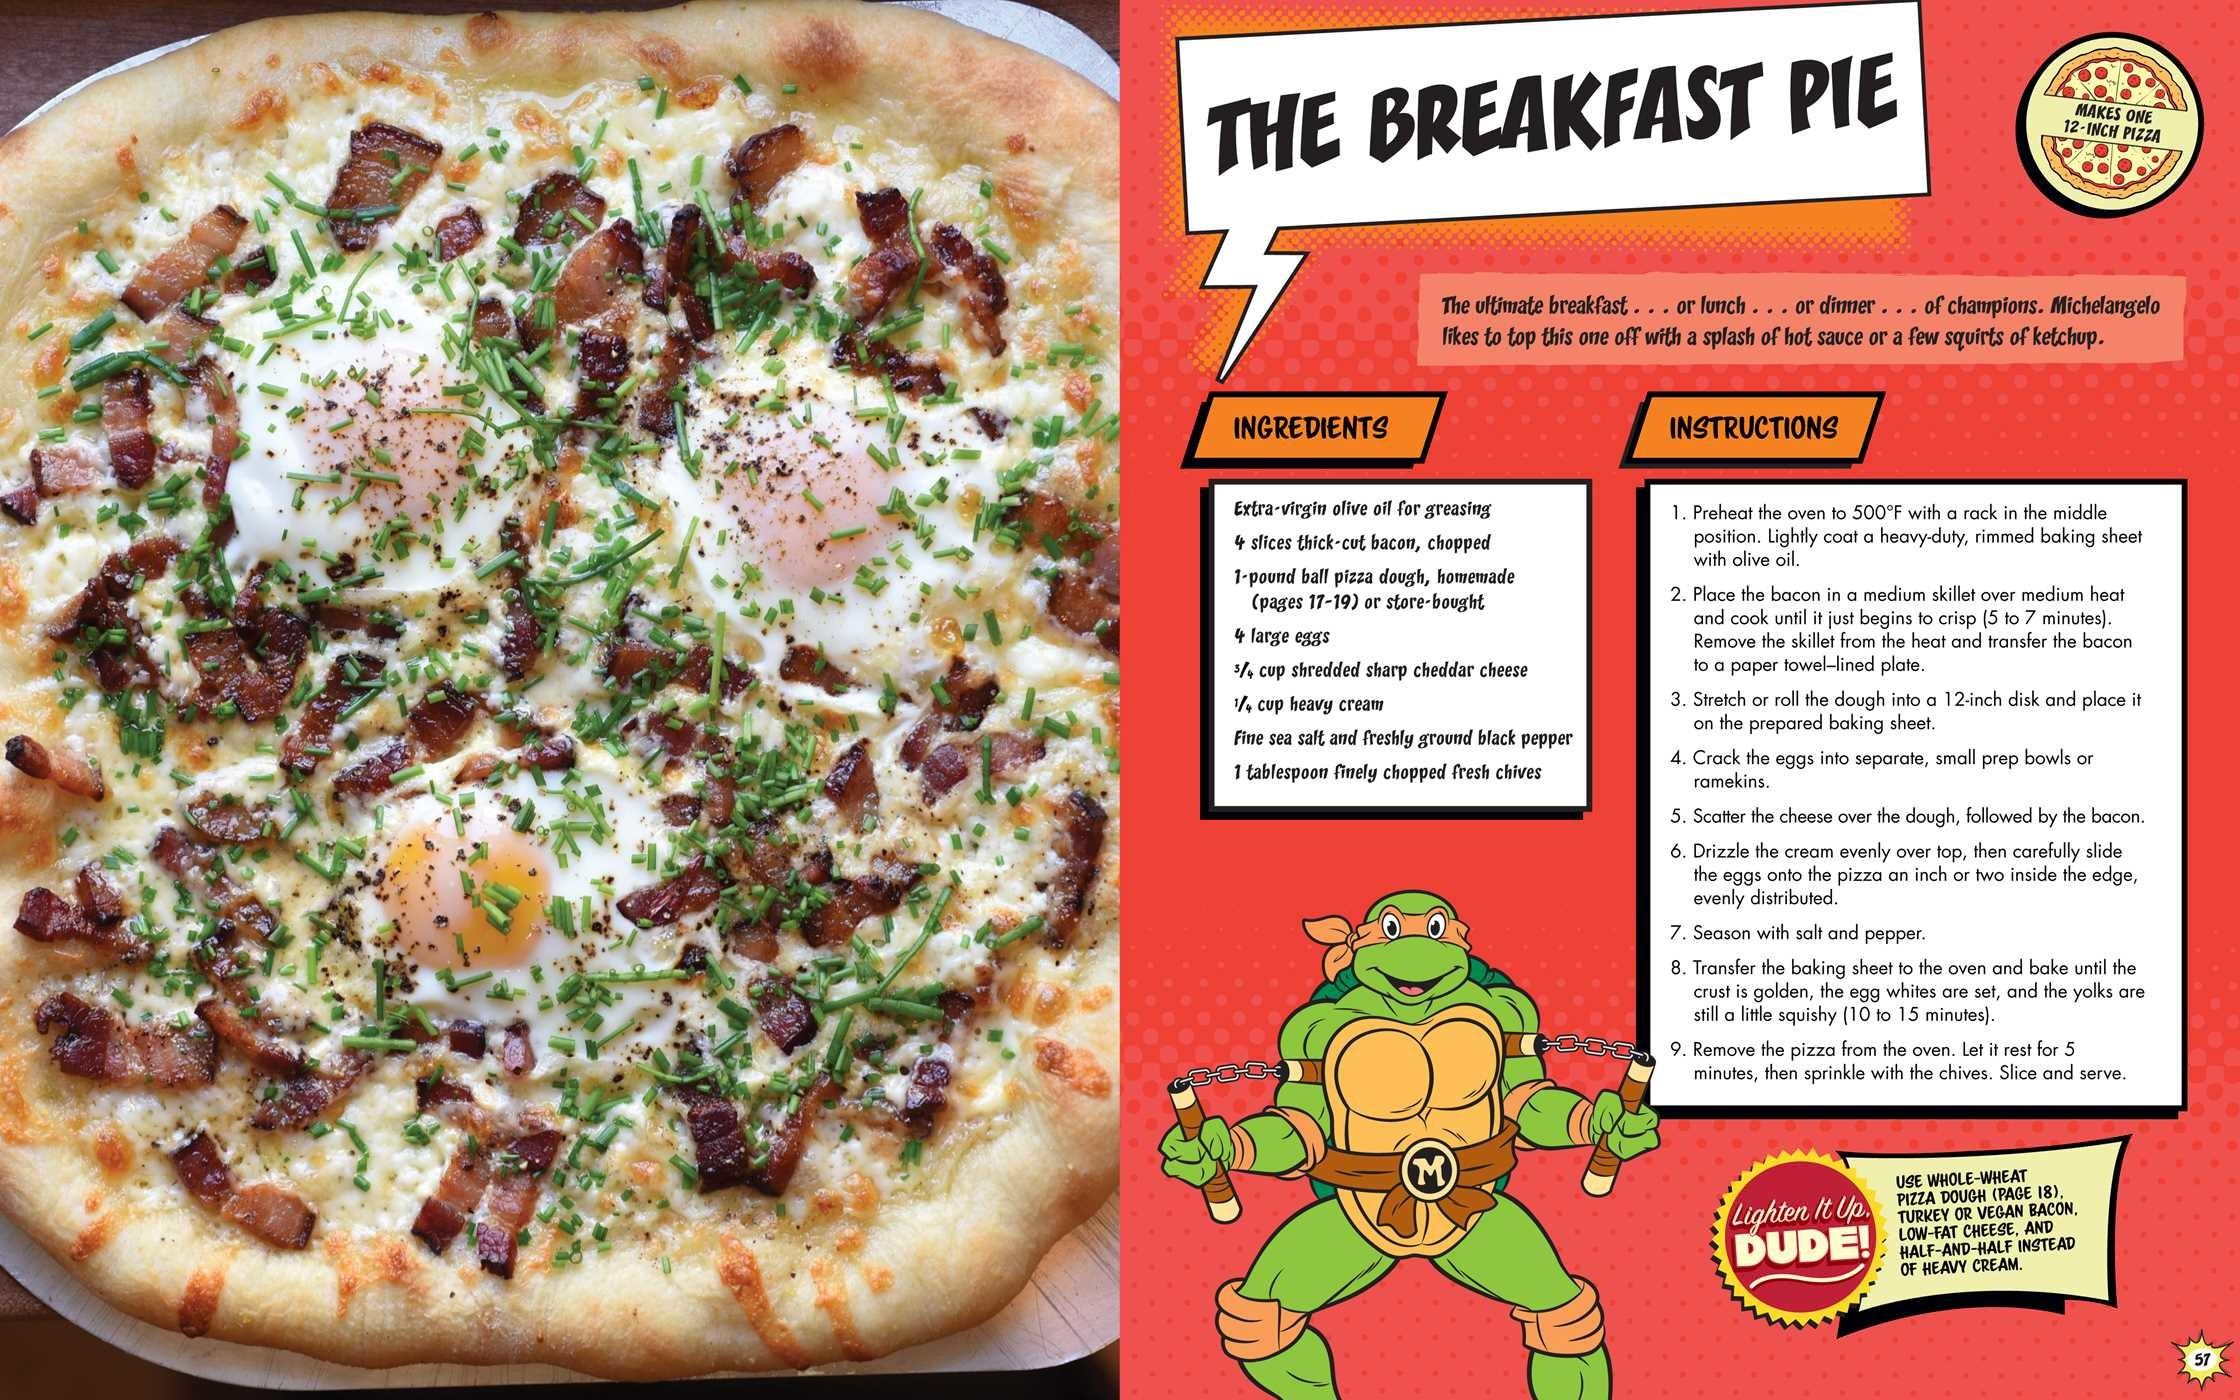 The teenage mutant ninja turtles pizza cookbook 9781608878314.in04